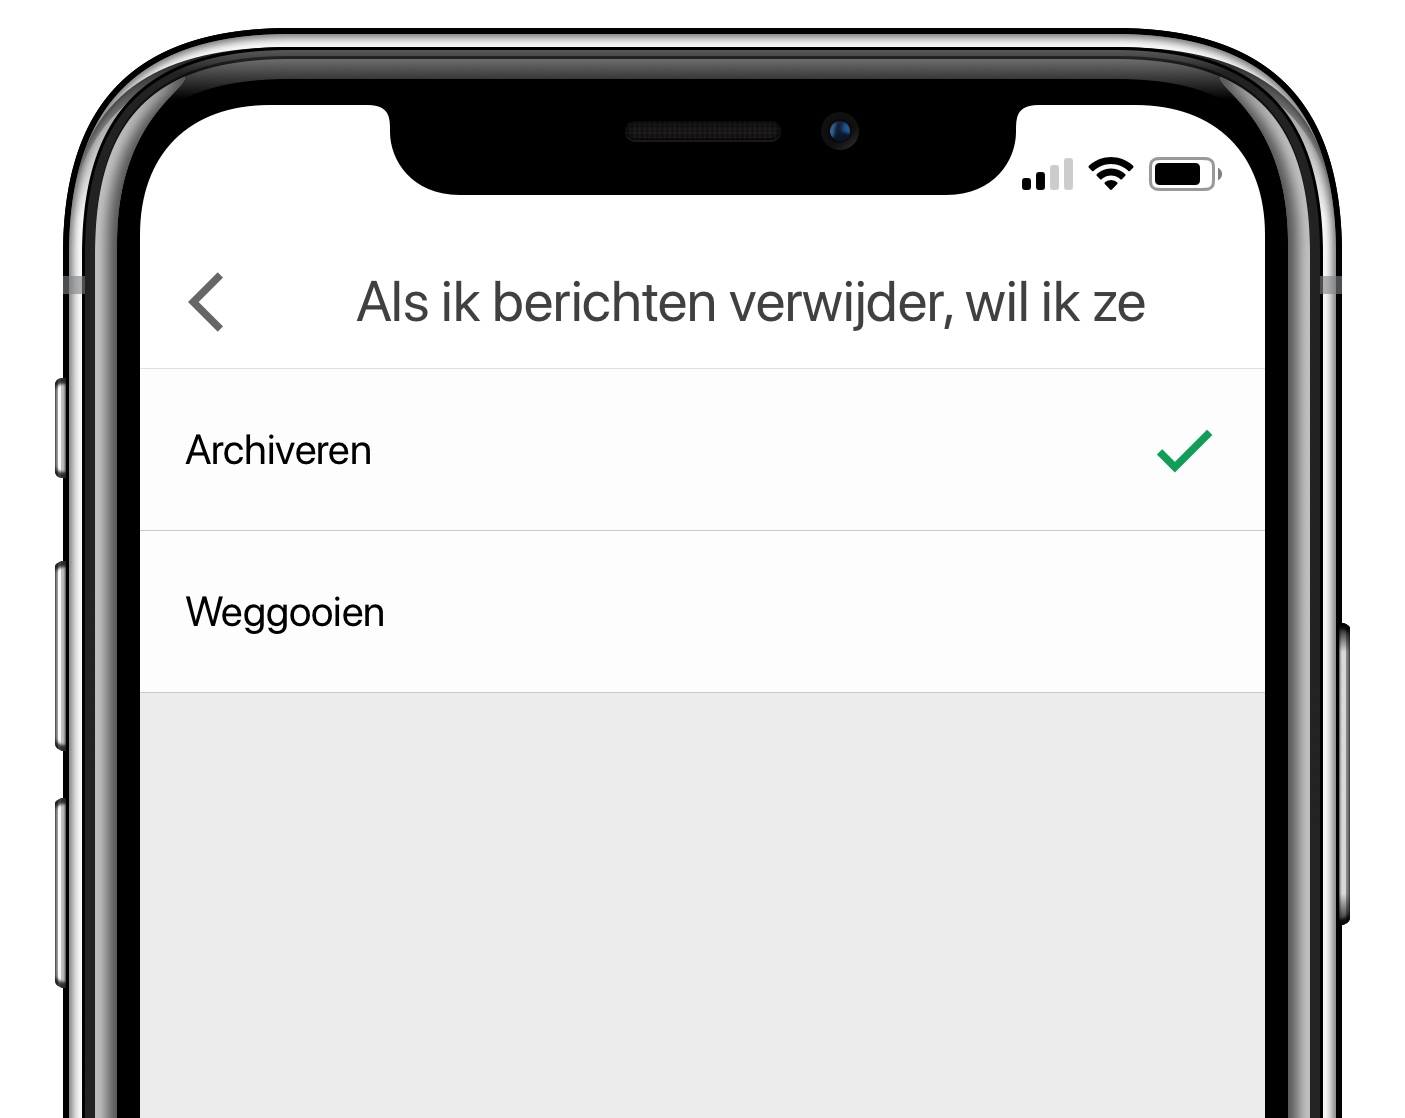 gmail ios app berichten verwijderen archiveren